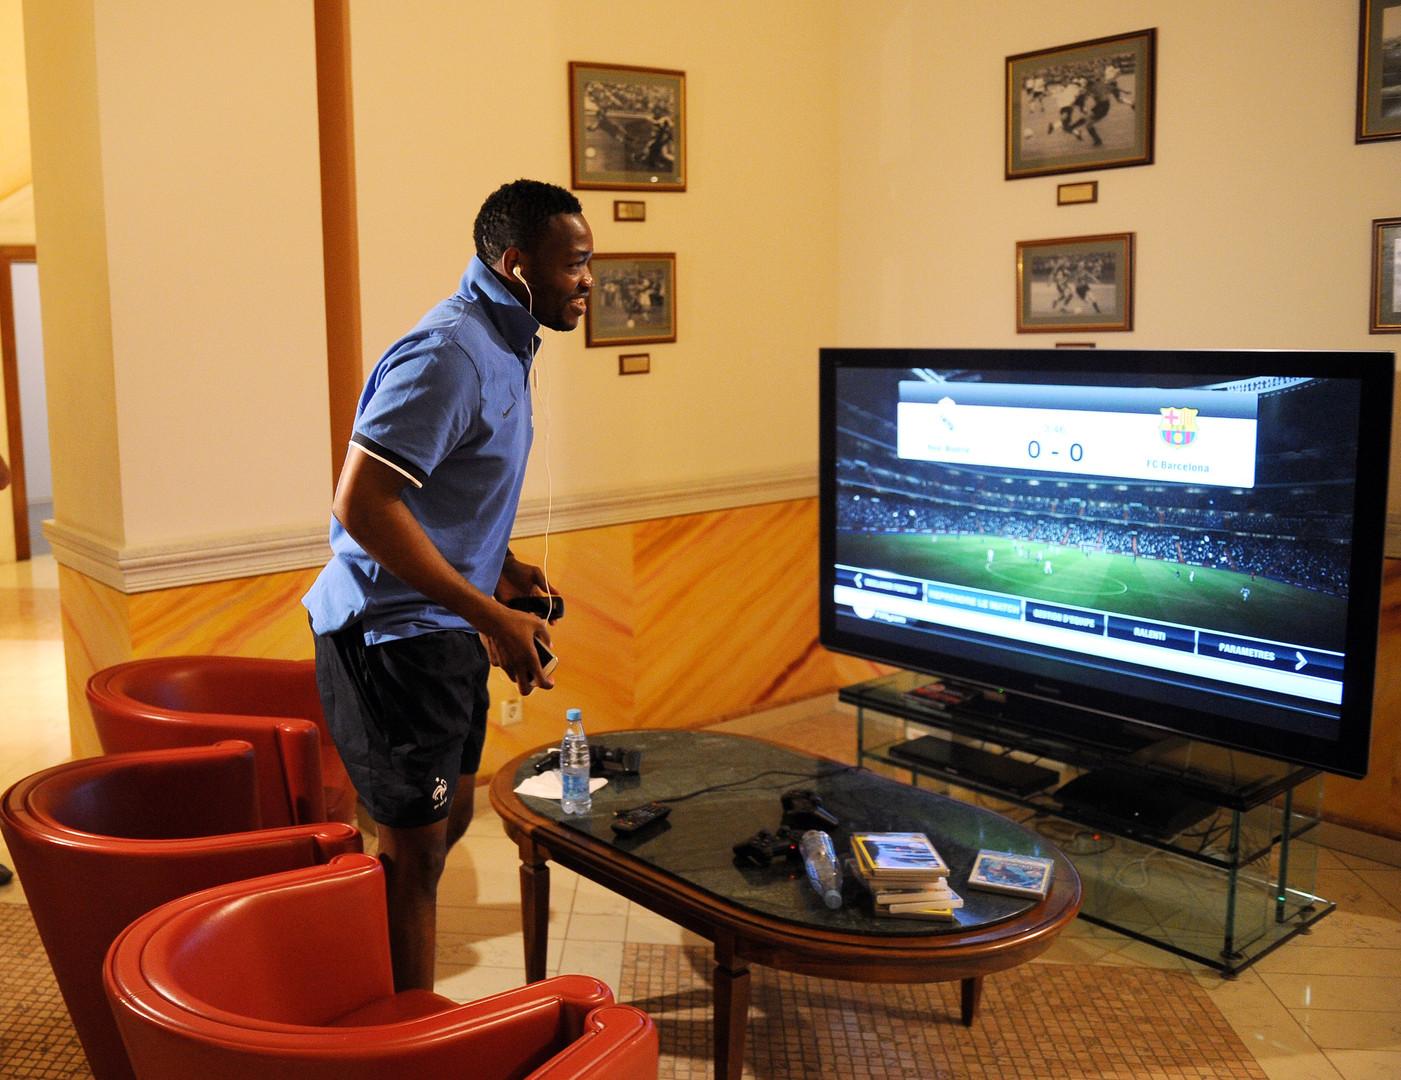 Реальная виртуальность: в компьютерную игру про футбол встроили симулятор брексита